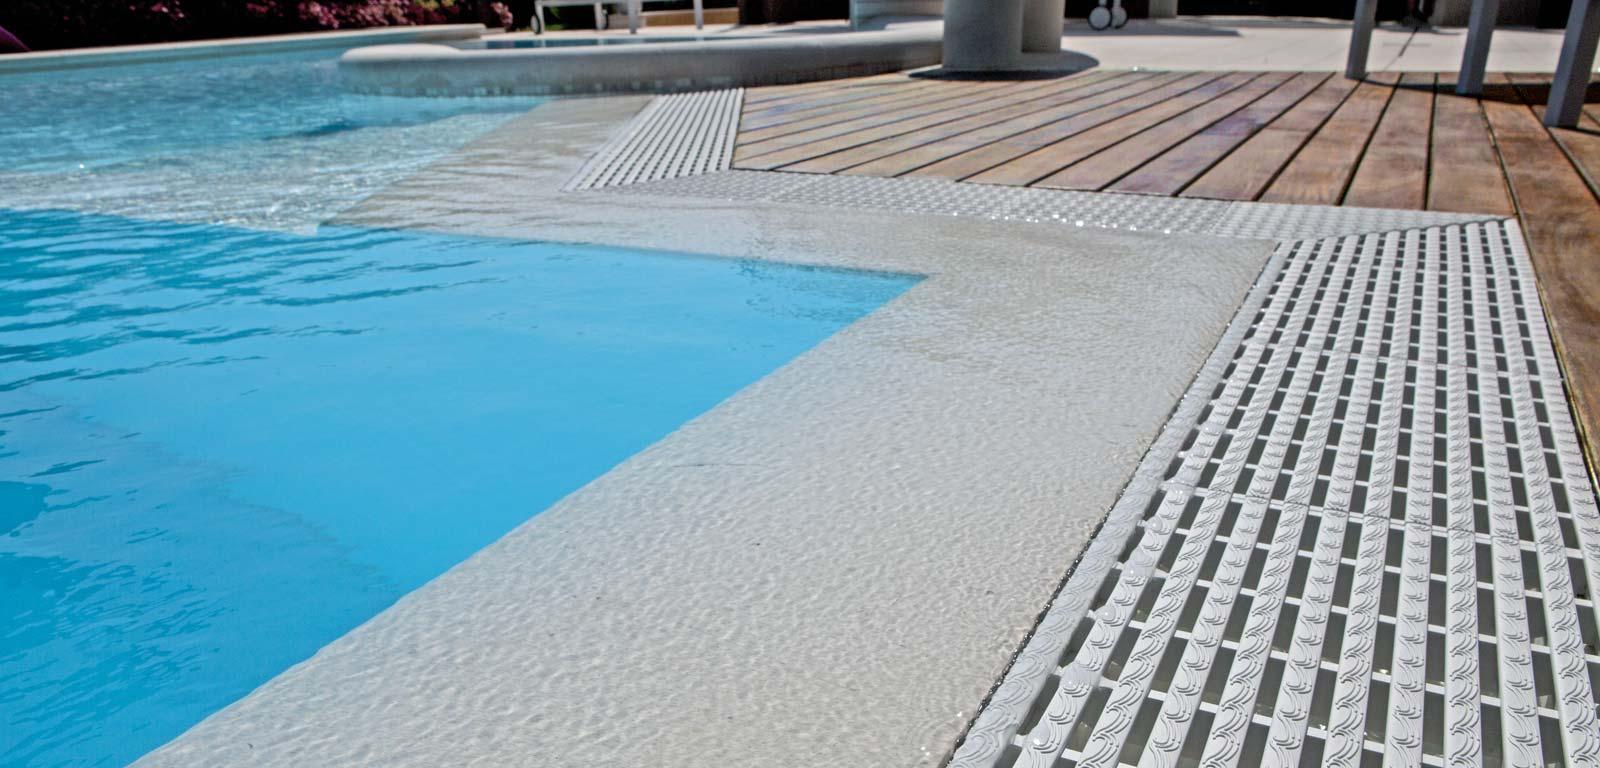 Sfioro trilogy piscine castiglione - Piante per bordo piscina ...